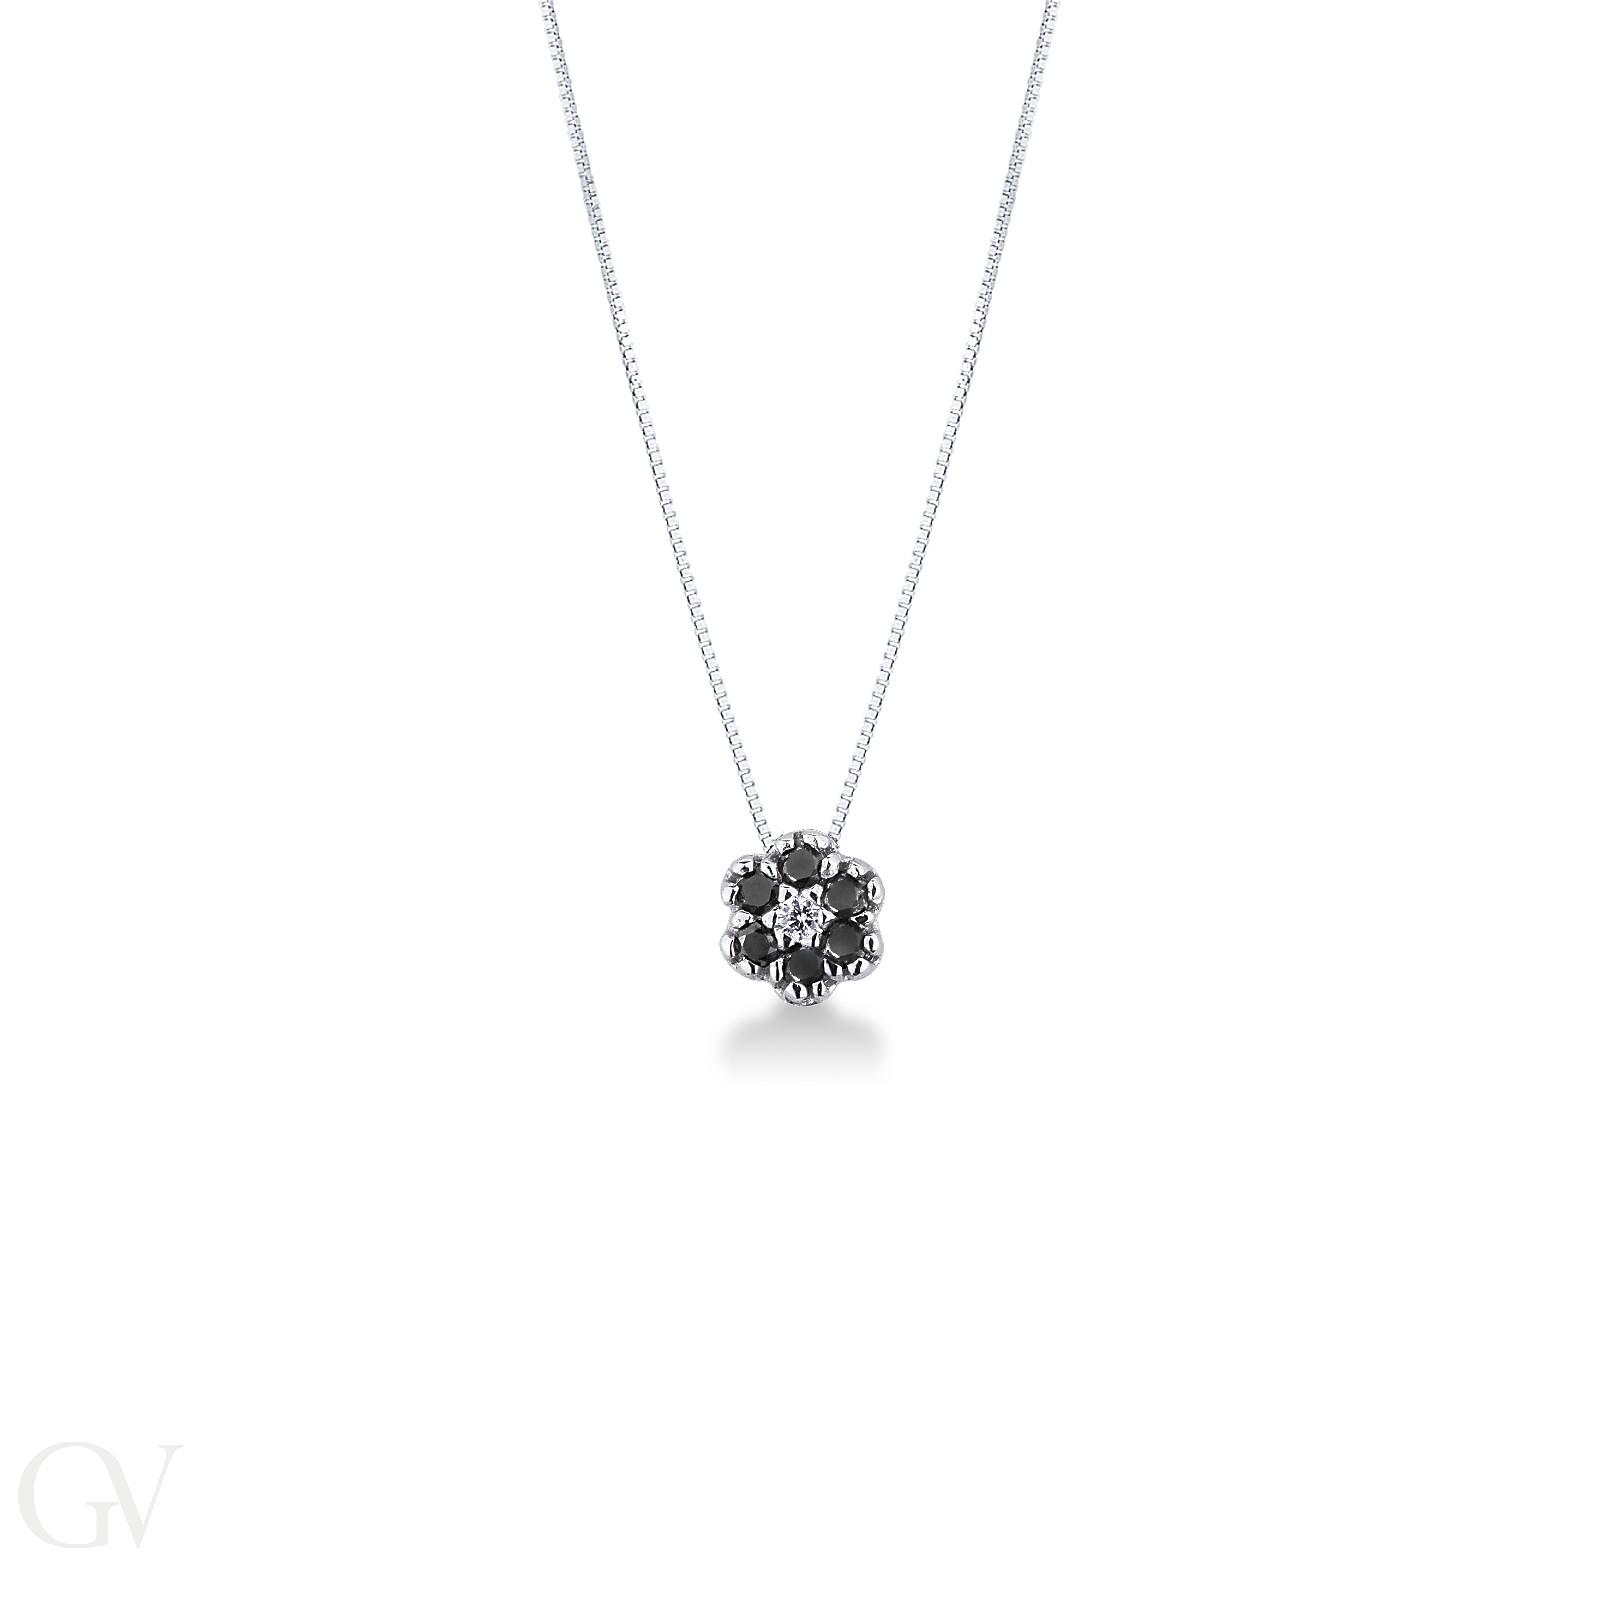 Collana in oro bianco 18k con fiore in diamanti neri e bianchi.